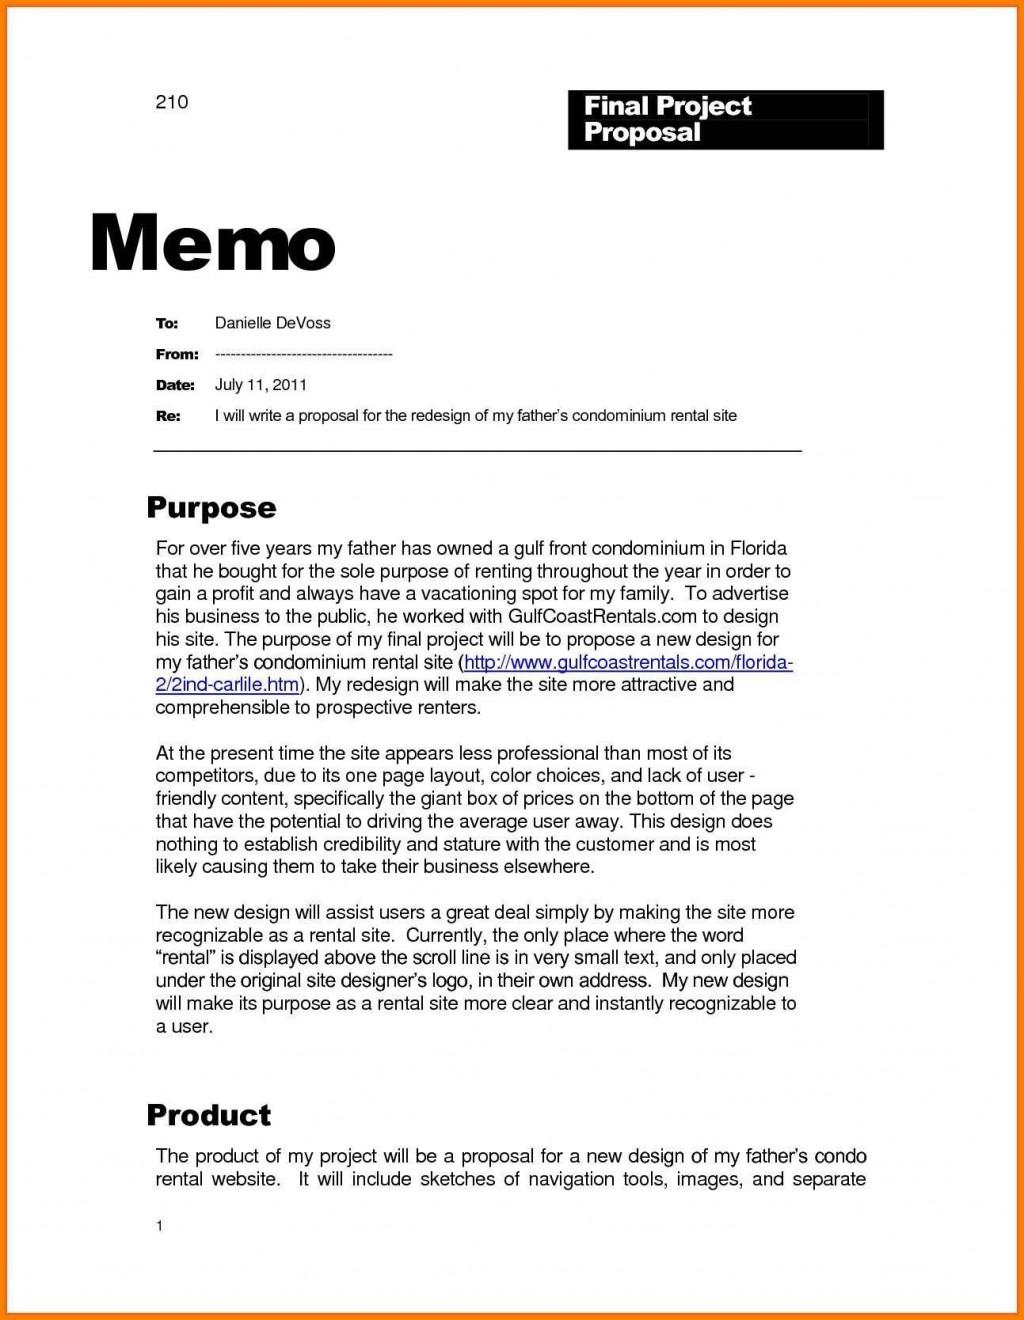 005 Wonderful Microsoft Word Professional Memorandum Template Sample  MemoLarge